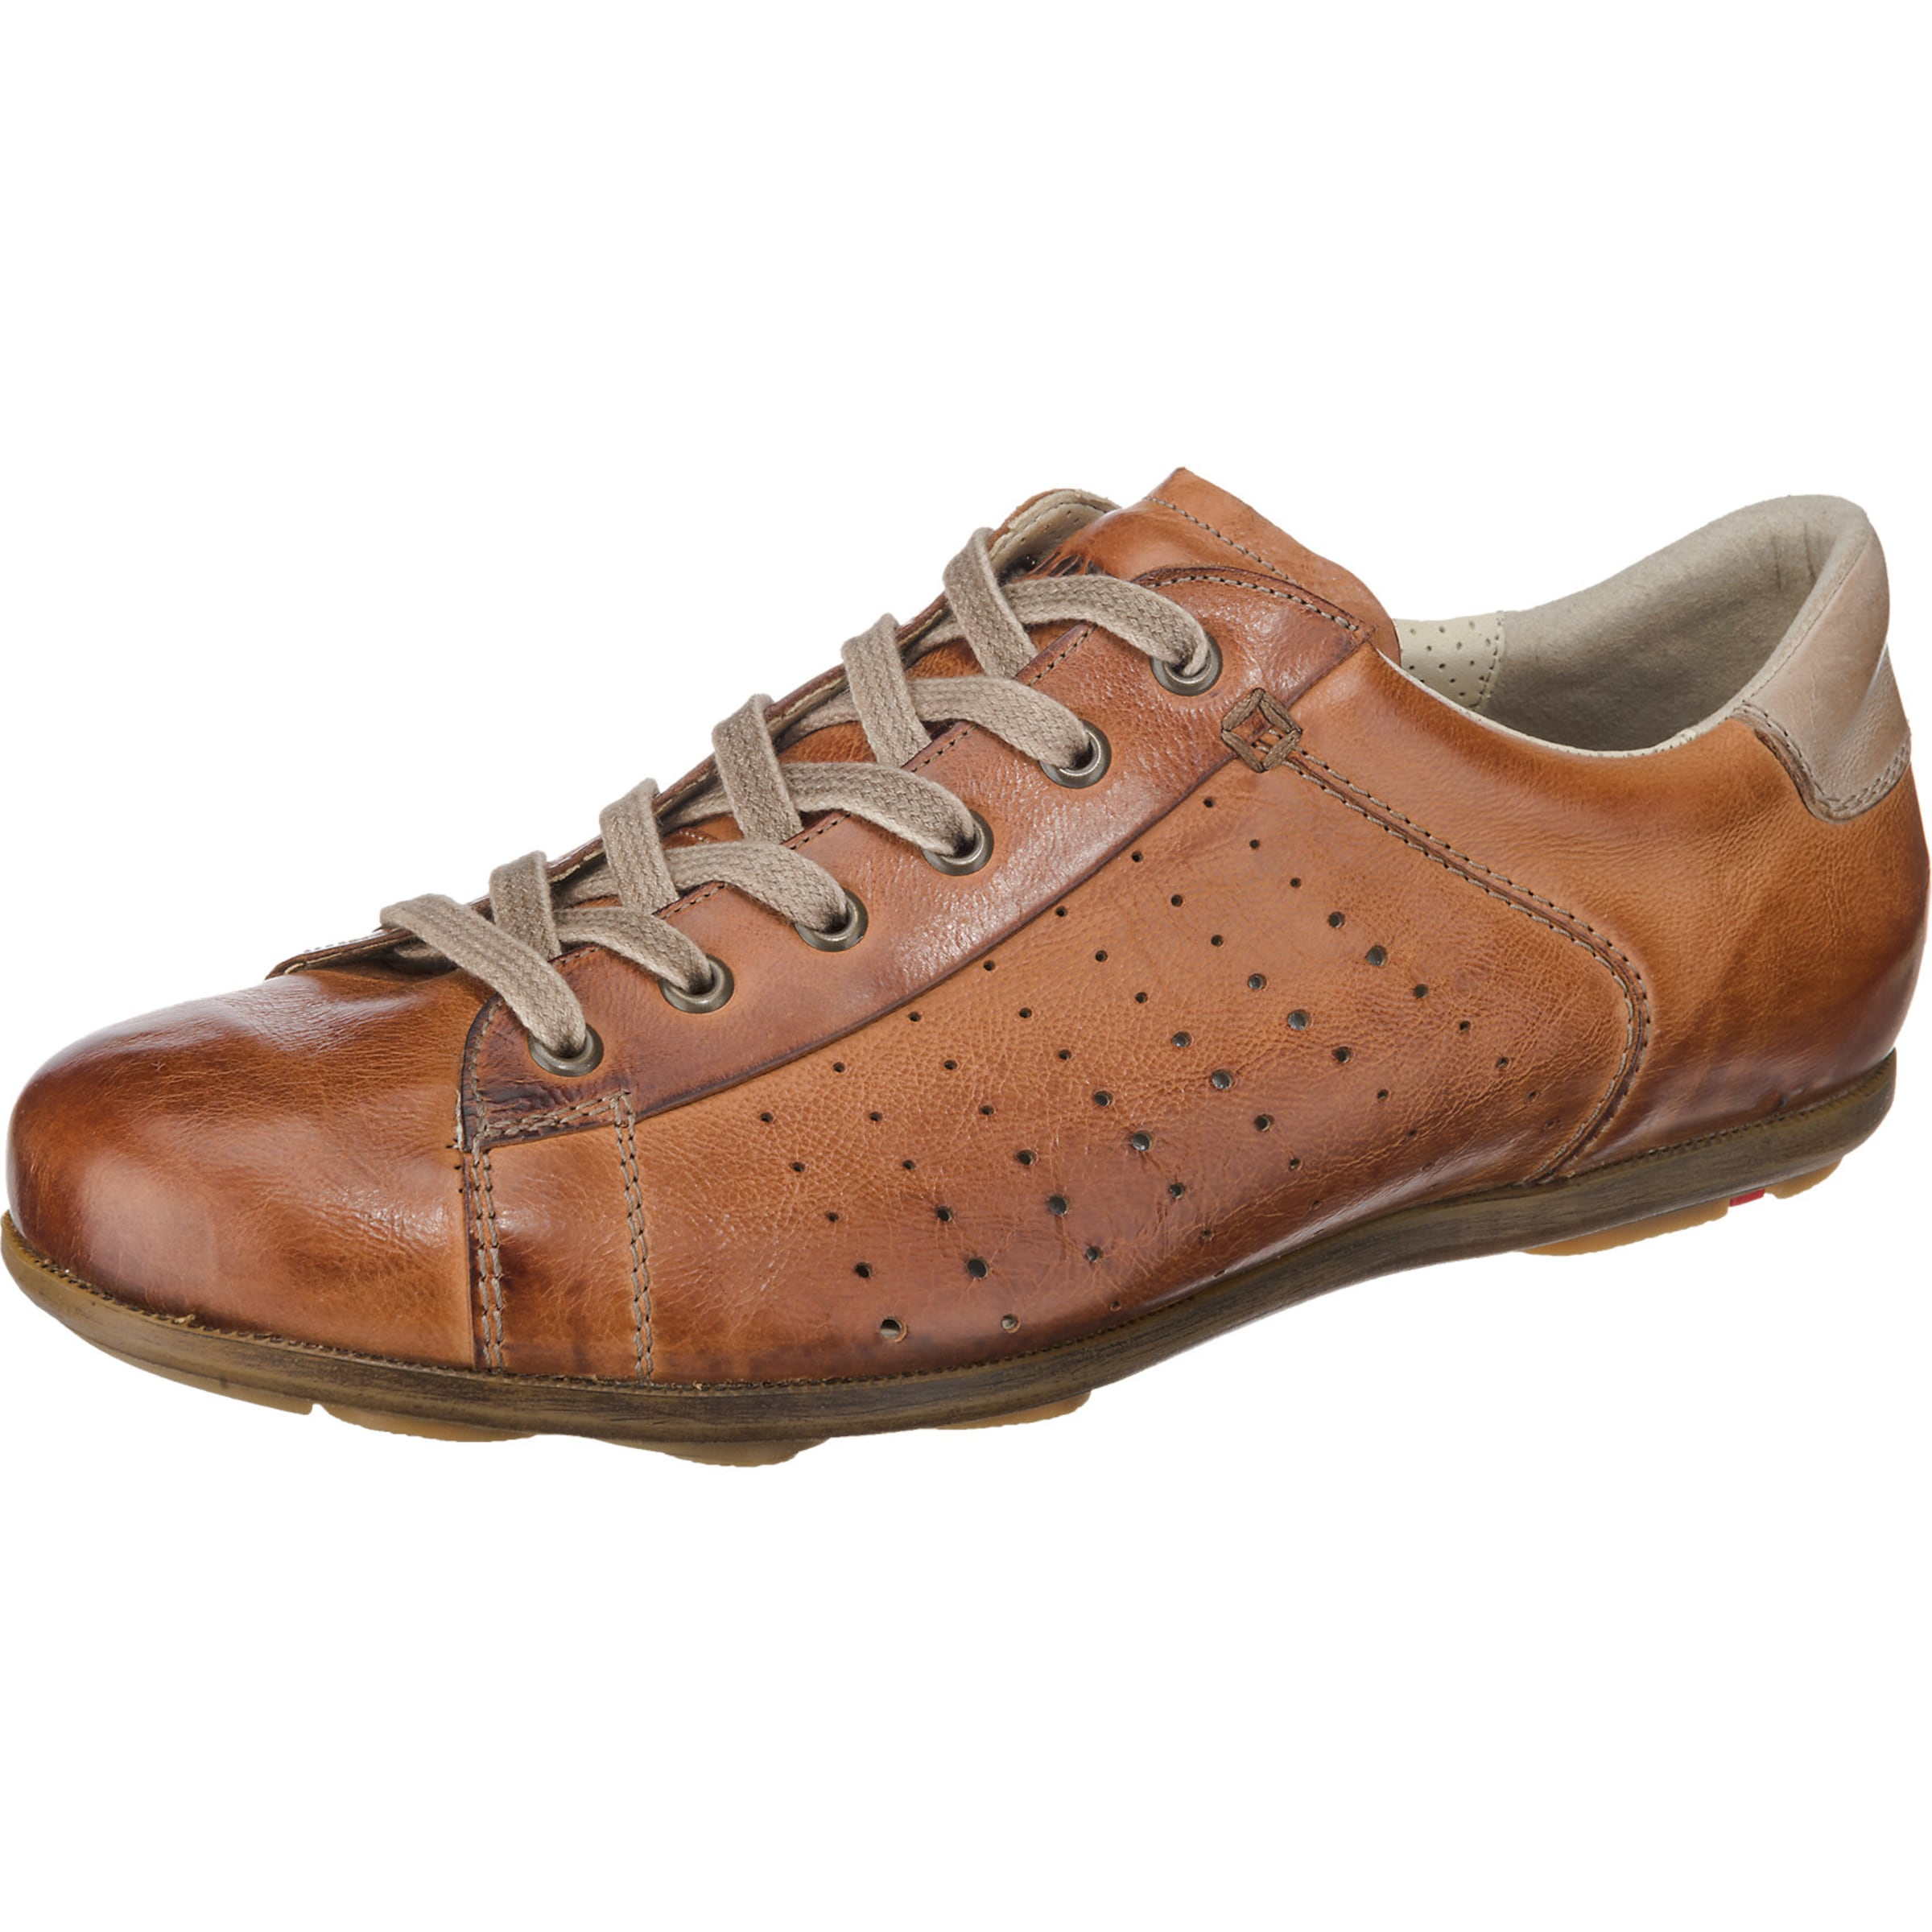 LLOYD BARNEY Schnürschuhe Verschleißfeste billige Schuhe